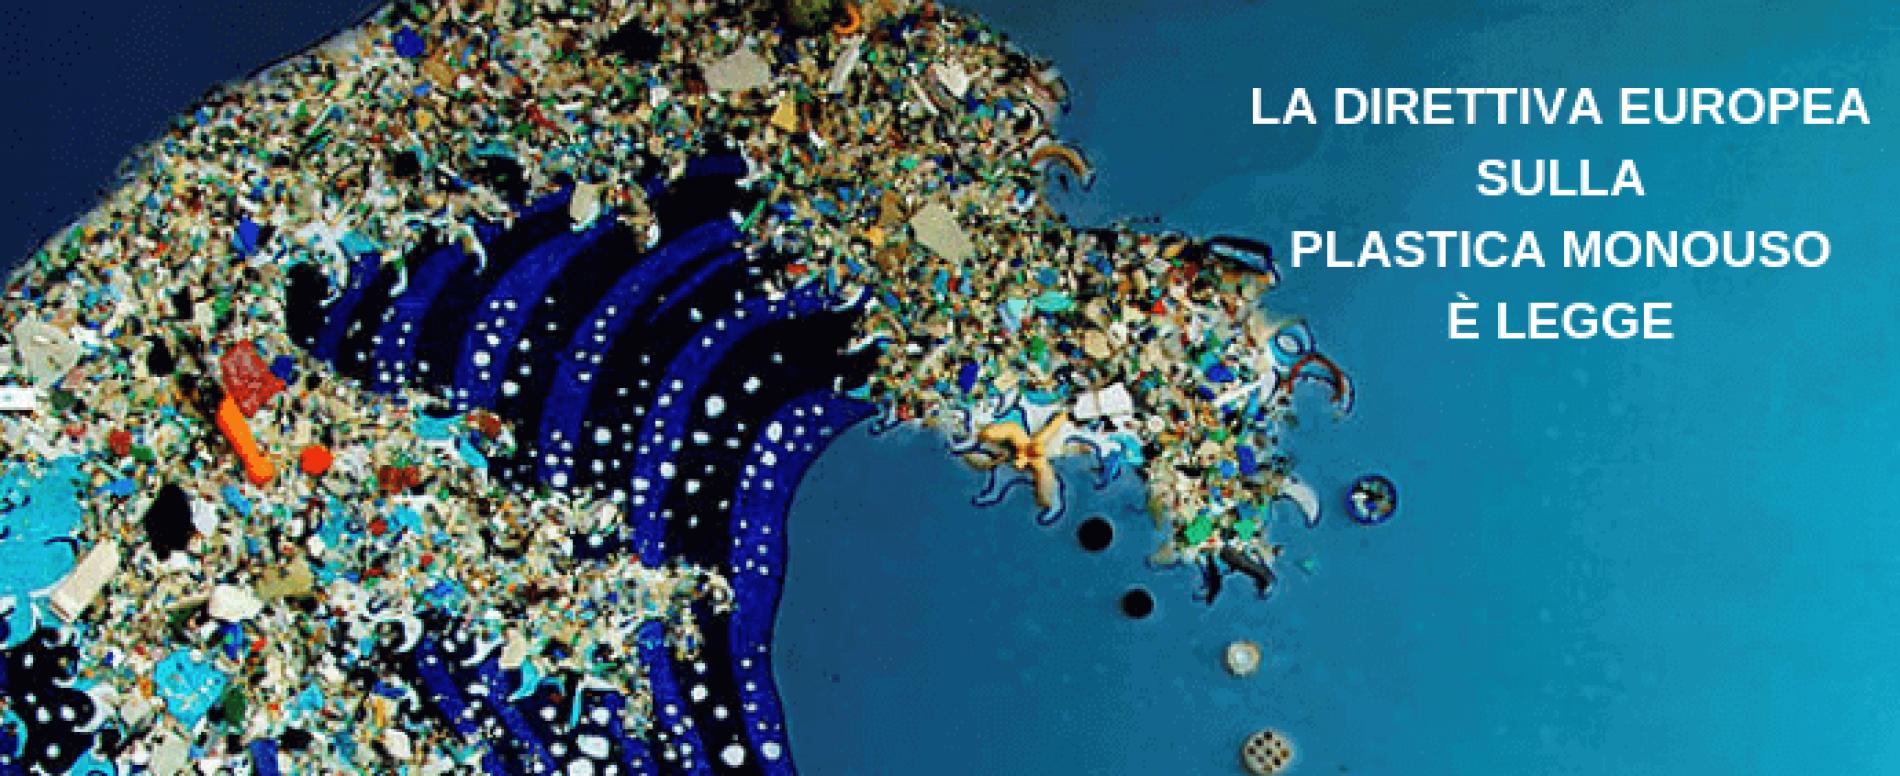 L'UE conferma: dal 2021 divieto per alcuni prodotti monouso in plastica